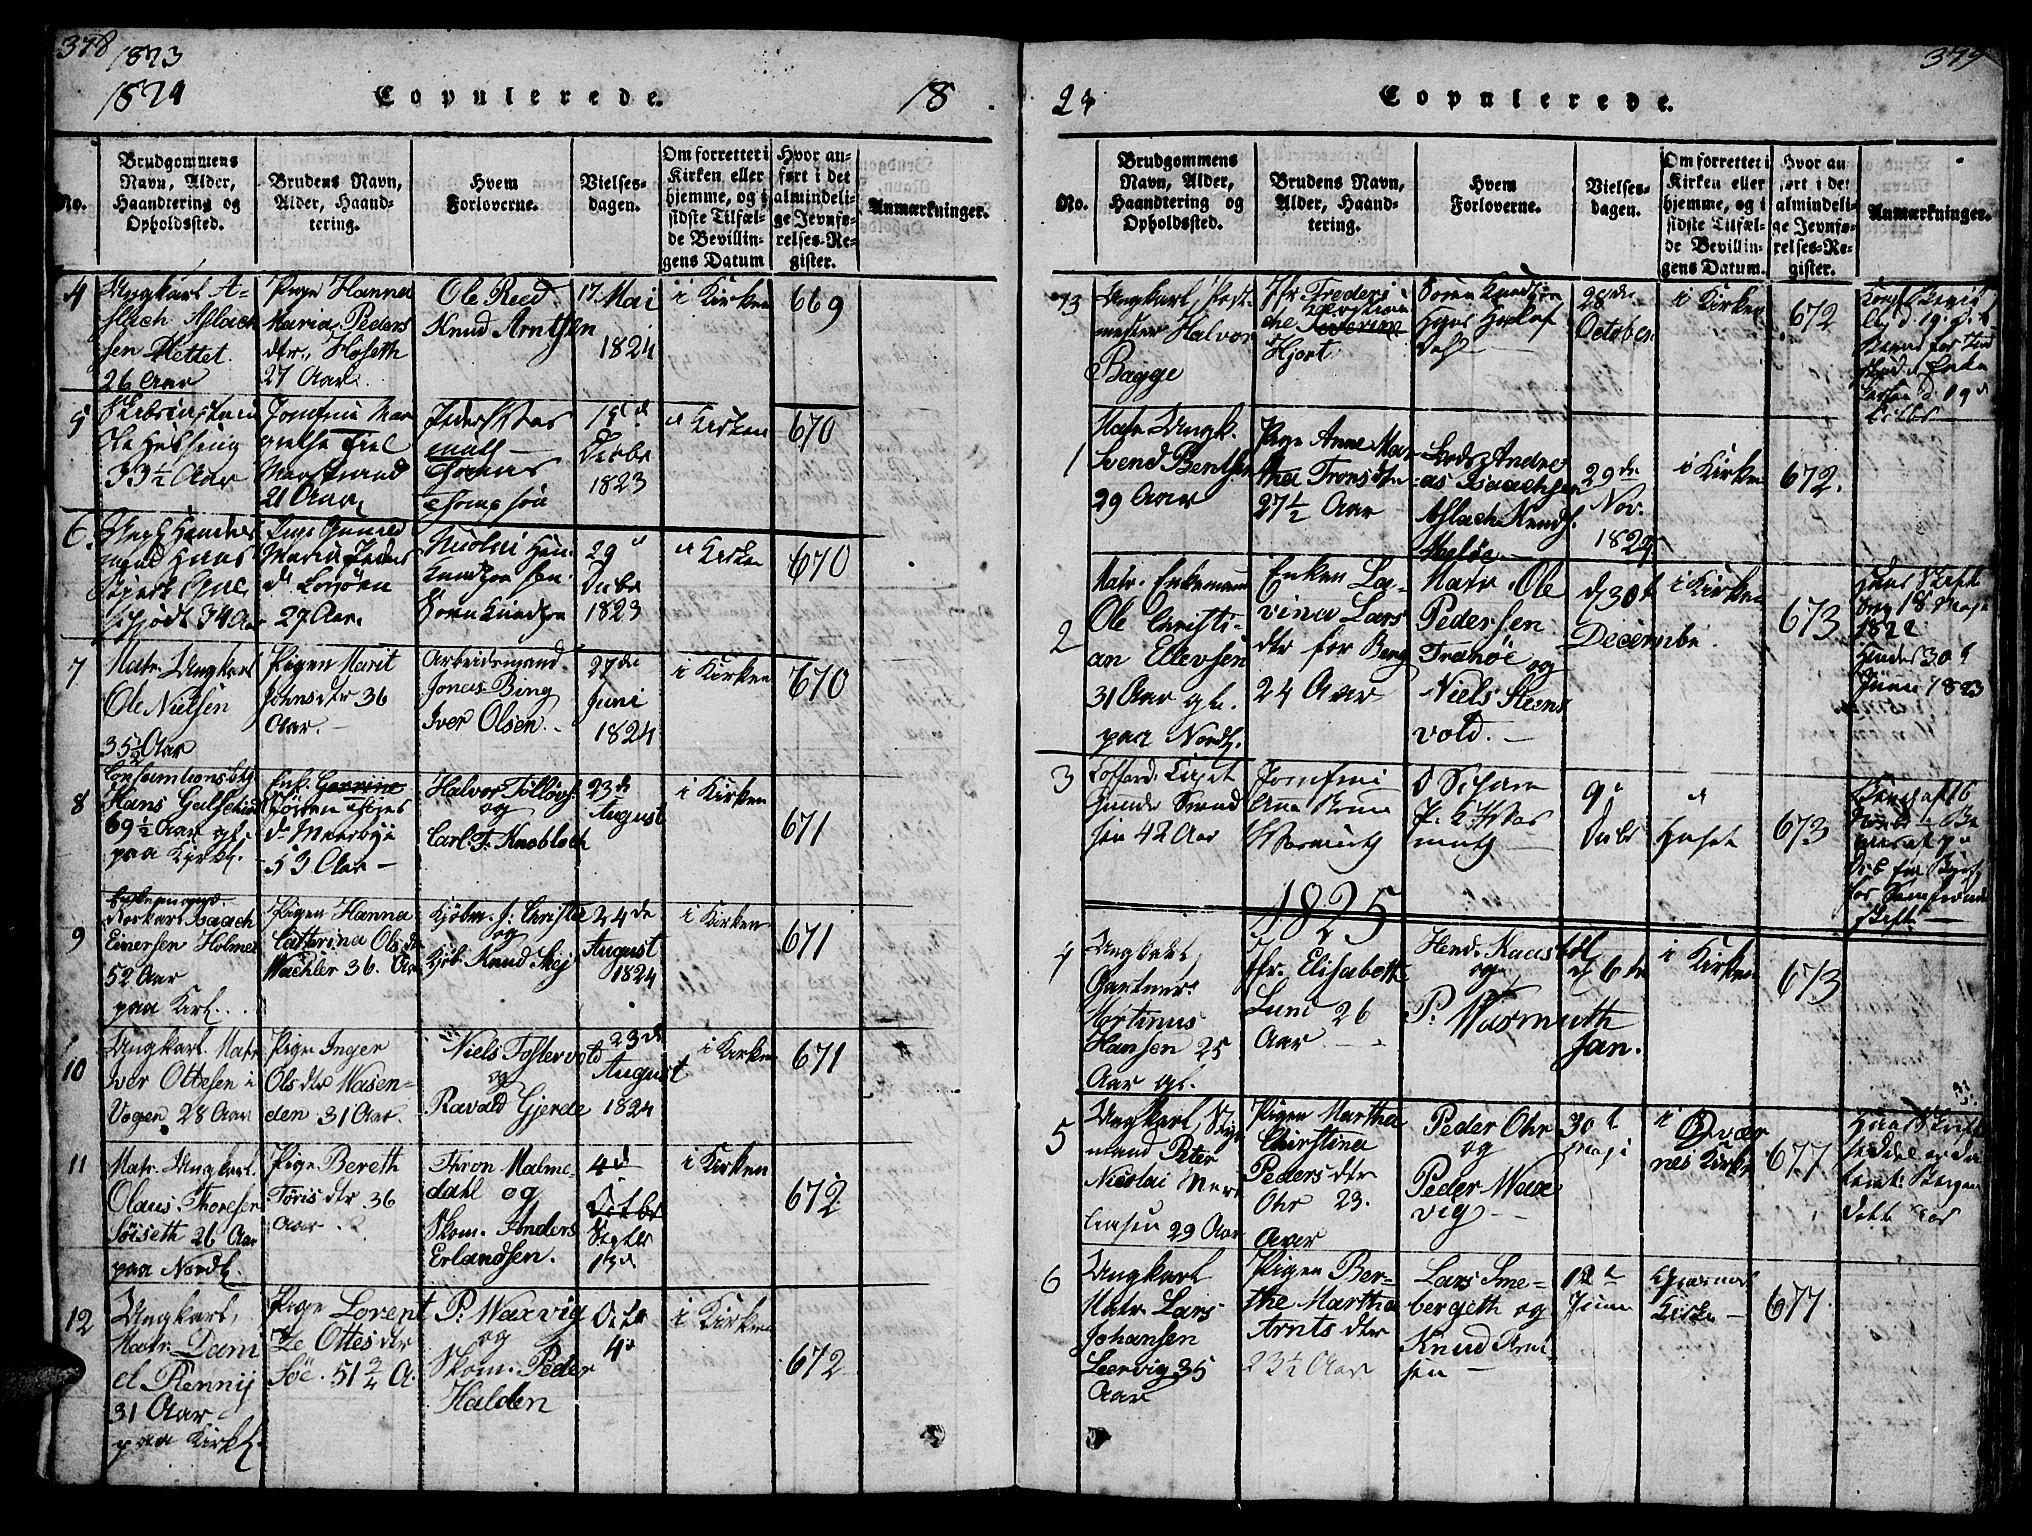 SAT, Ministerialprotokoller, klokkerbøker og fødselsregistre - Møre og Romsdal, 572/L0856: Klokkerbok nr. 572C01, 1819-1832, s. 378-379